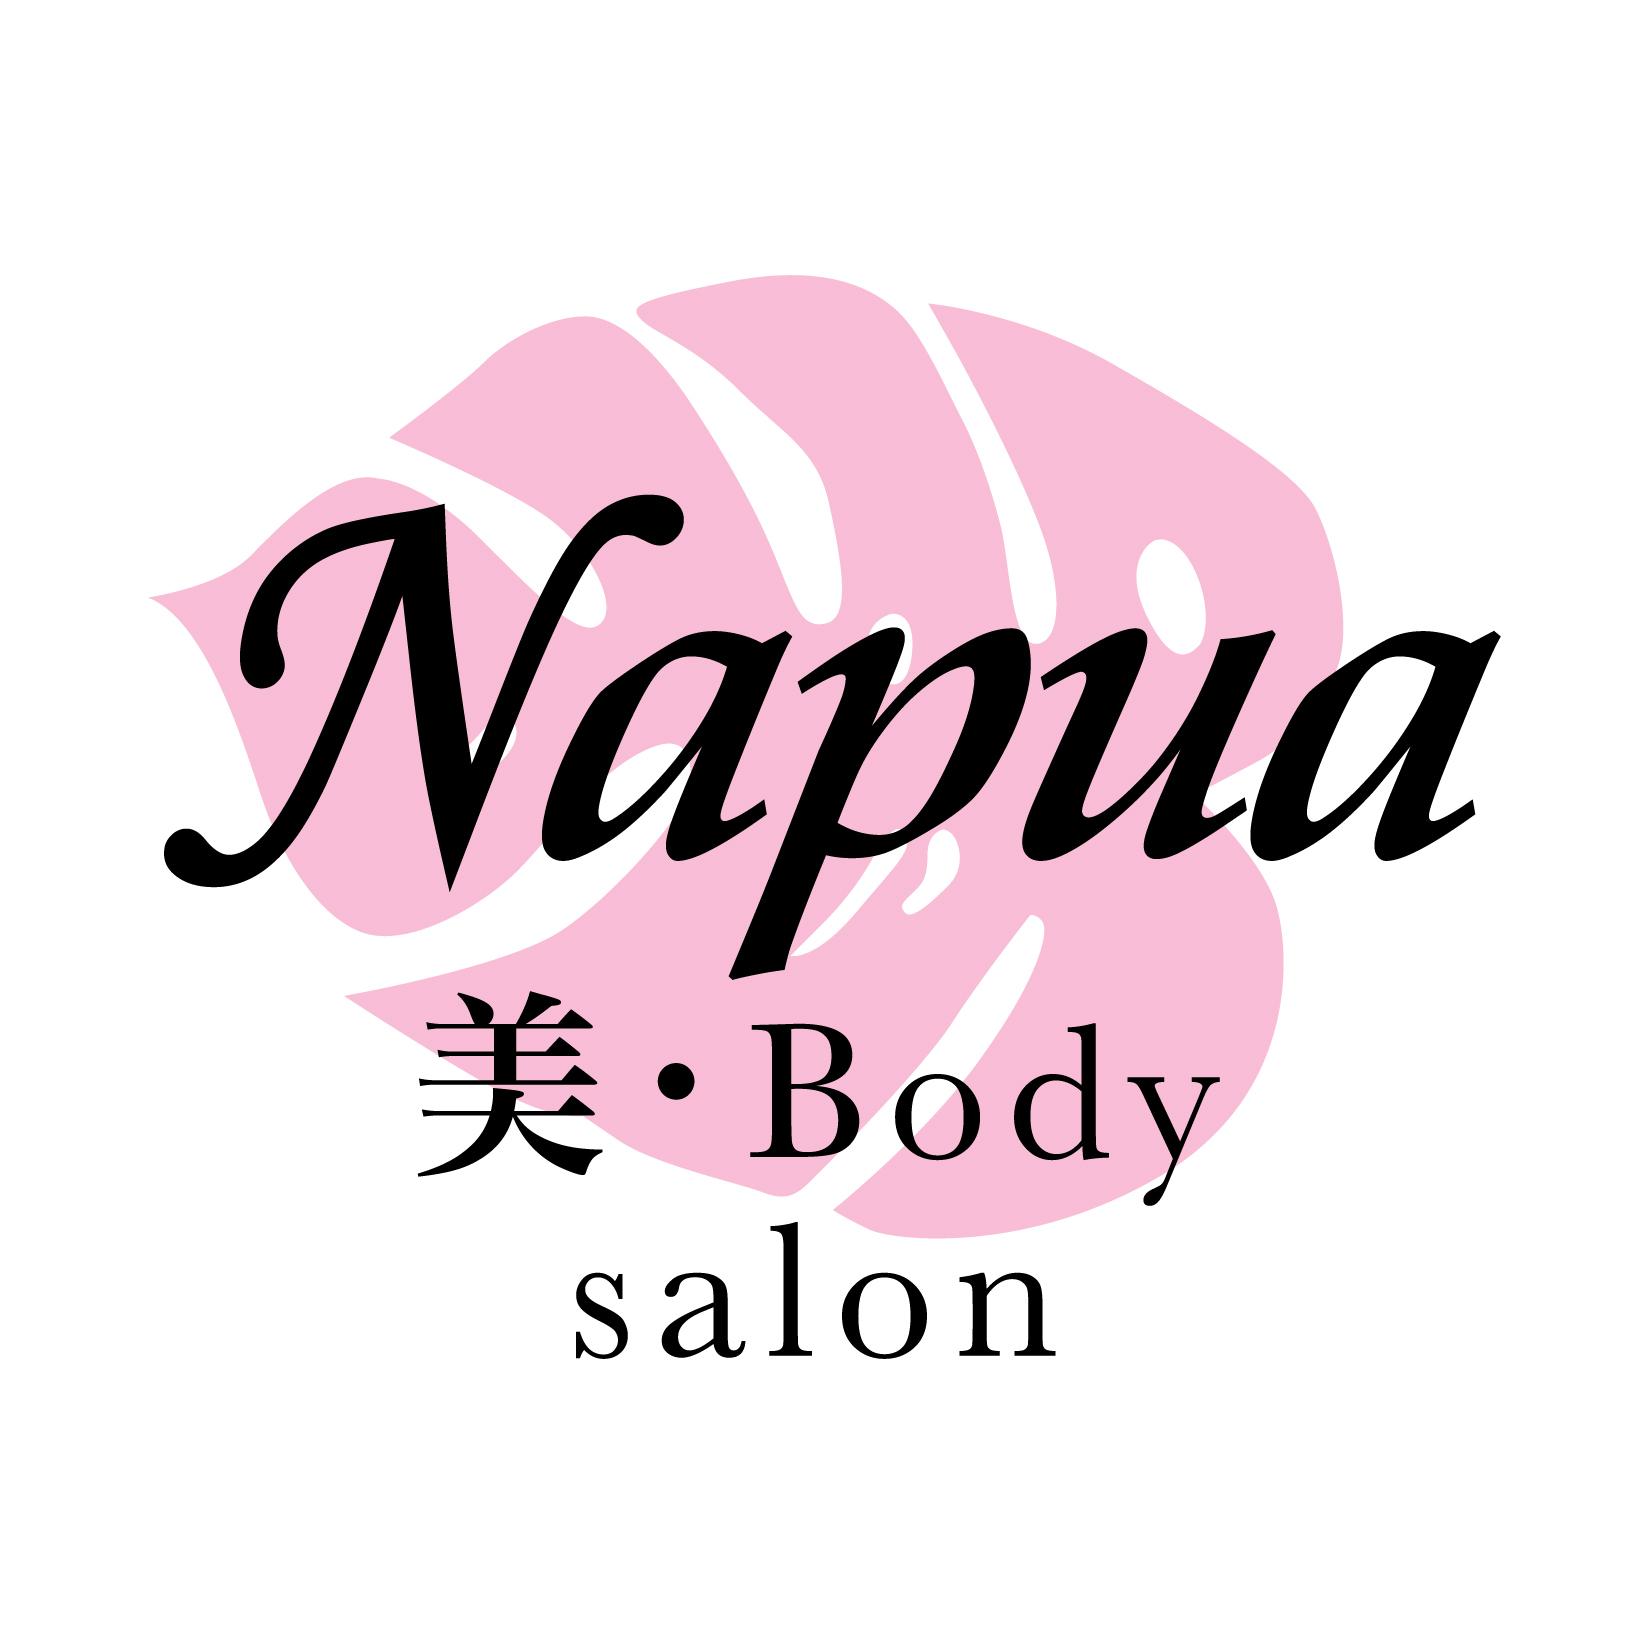 美・Body salon「Napua」OPENキャンペーン[8月末までキャンペーン価格!]